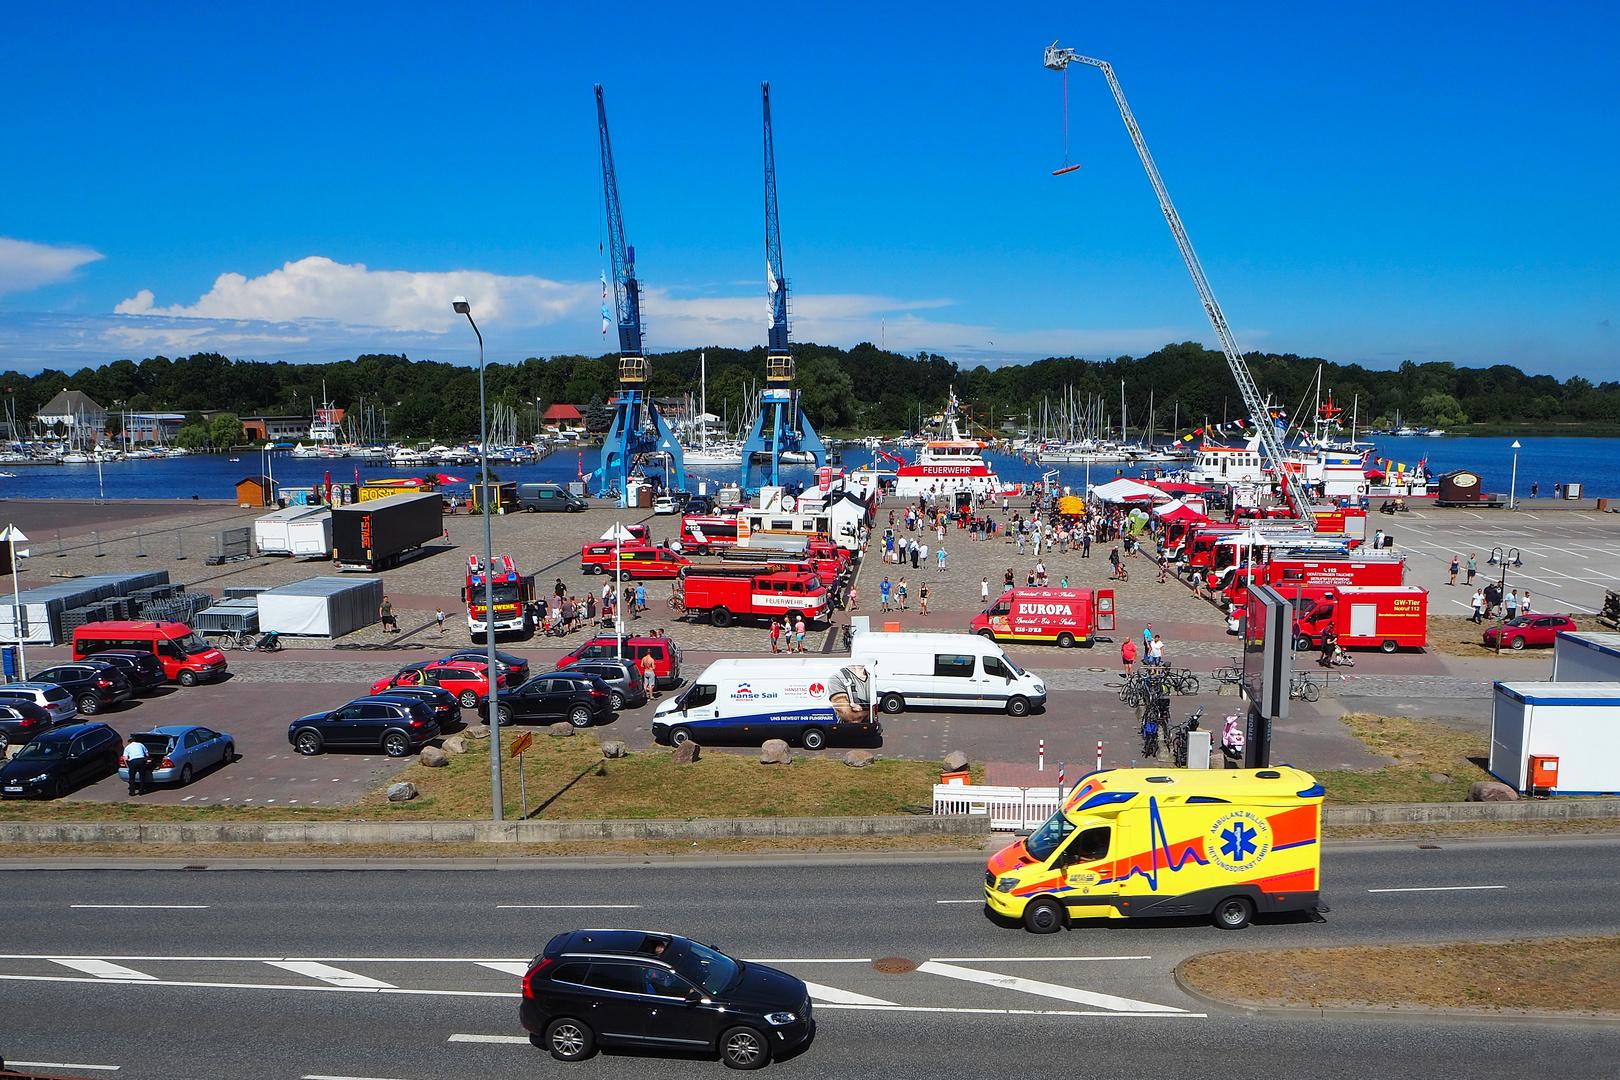 Feuerwehr Aktionstag in Rostock (1)